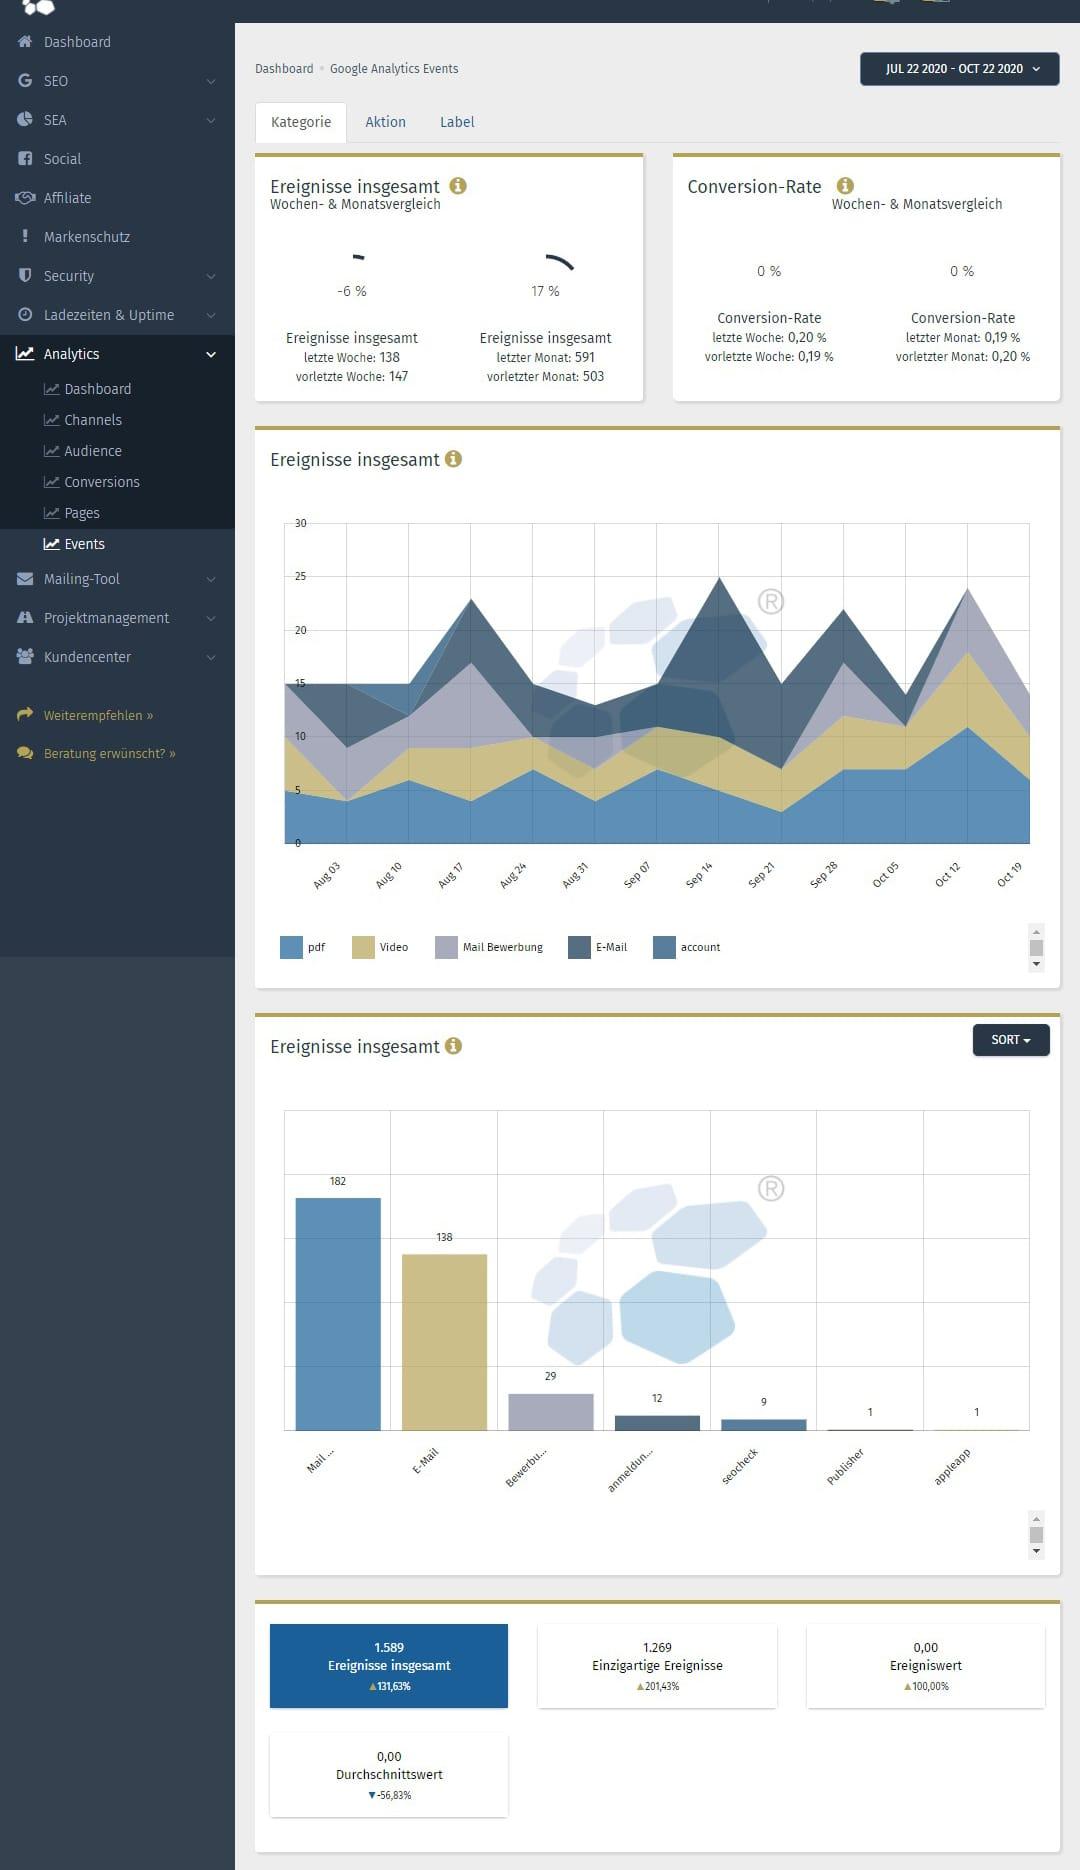 Google Analytics Events in der Performance Suite